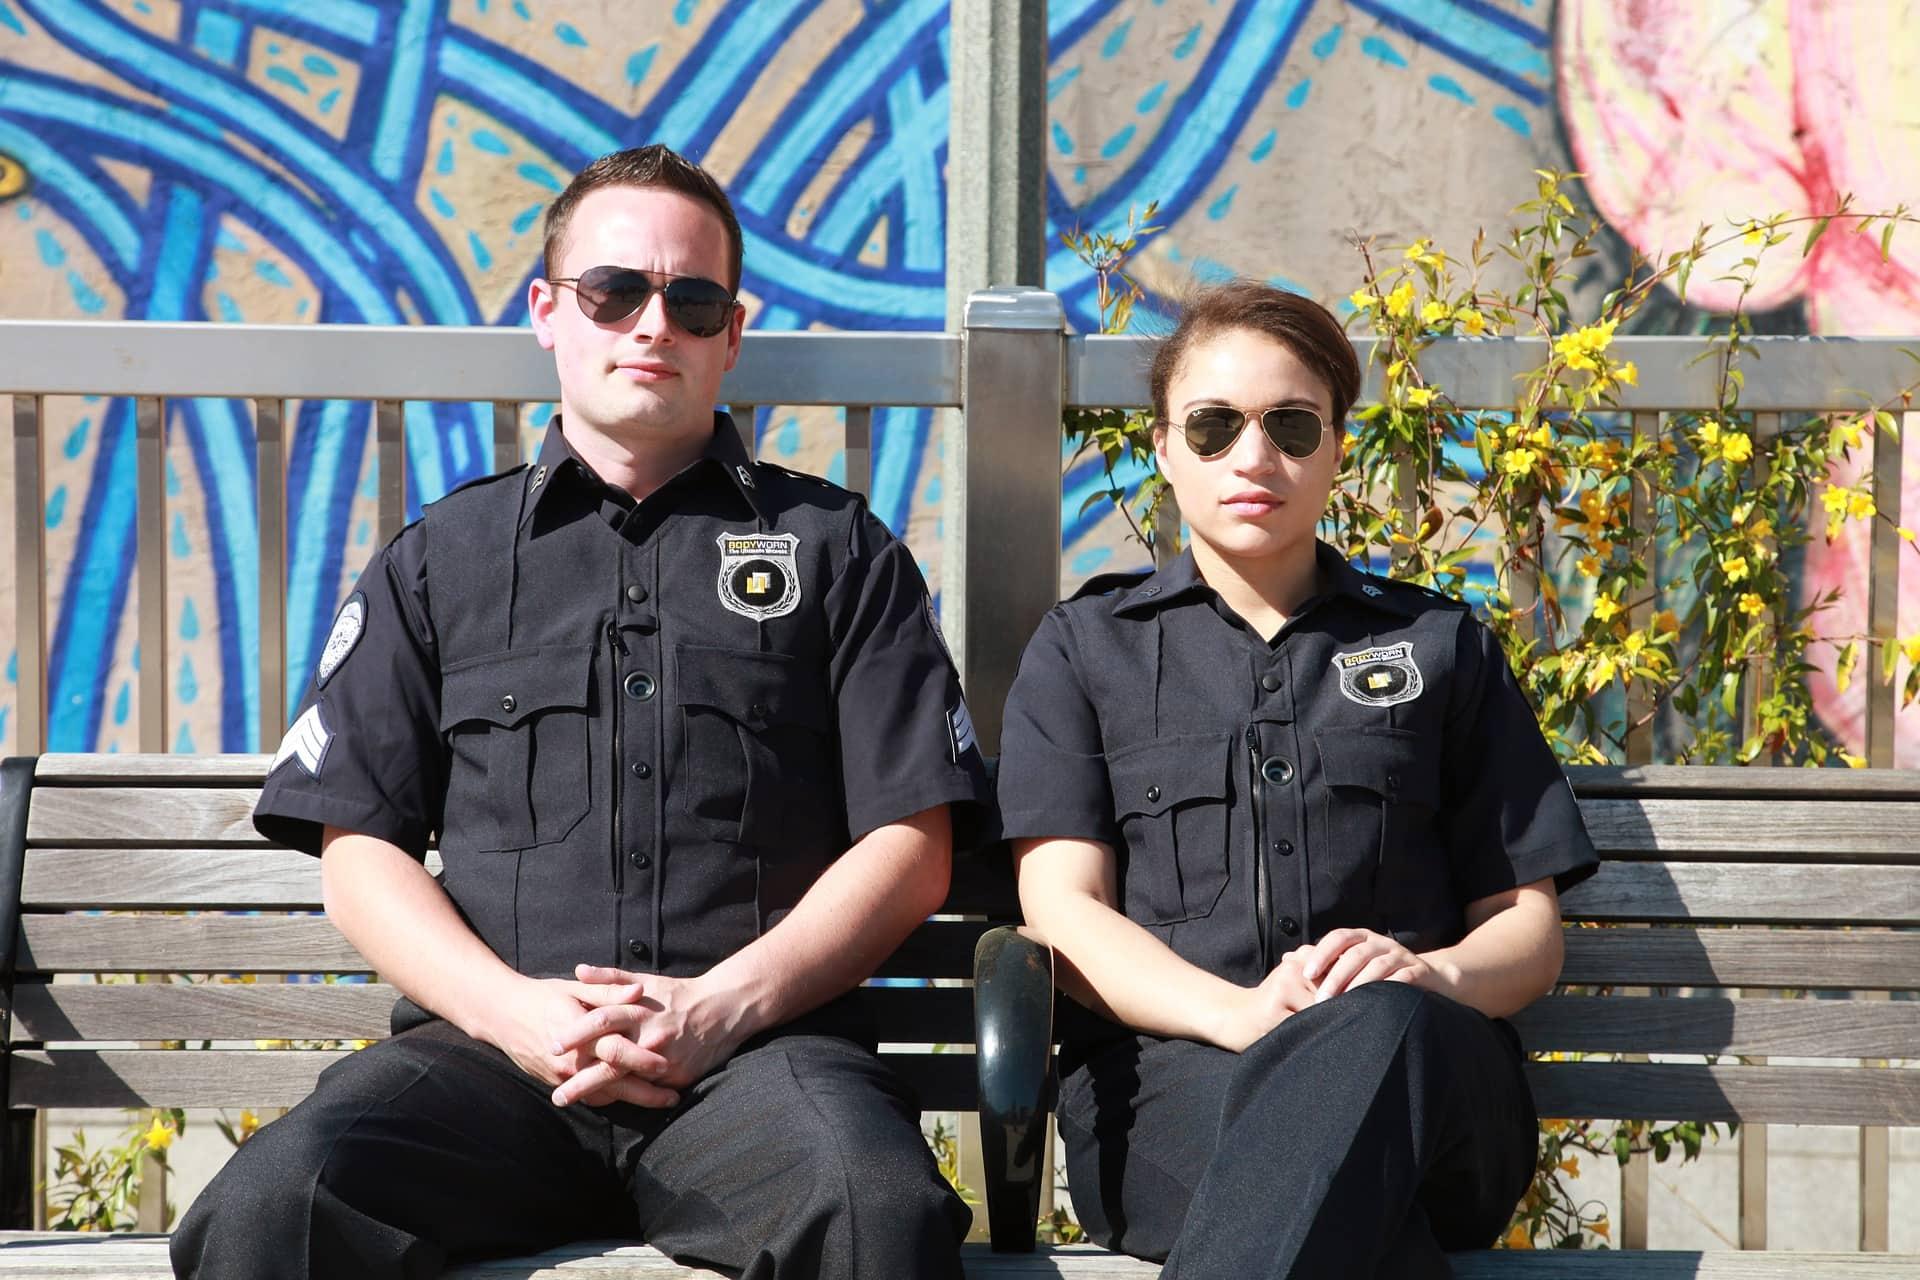 Парень-полицейский в отношениях с любимой девушкой постарается сдерживать свои профессиональные черты и обеспечивать ей спокойствие и безопасность